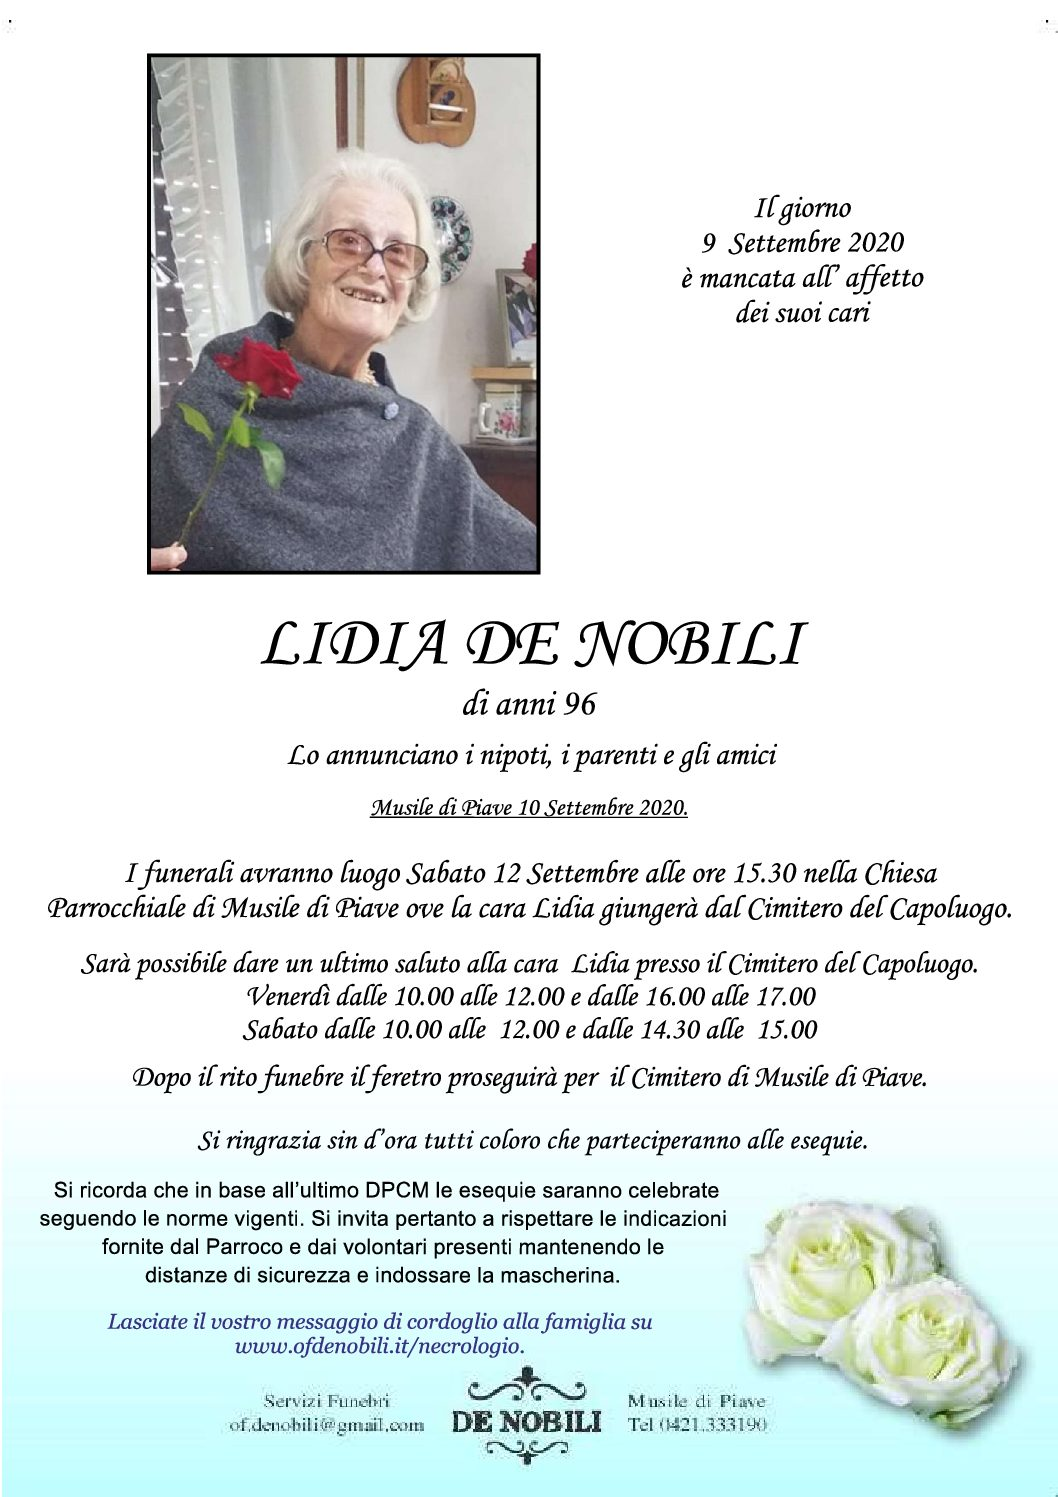 Lidia De Nobili